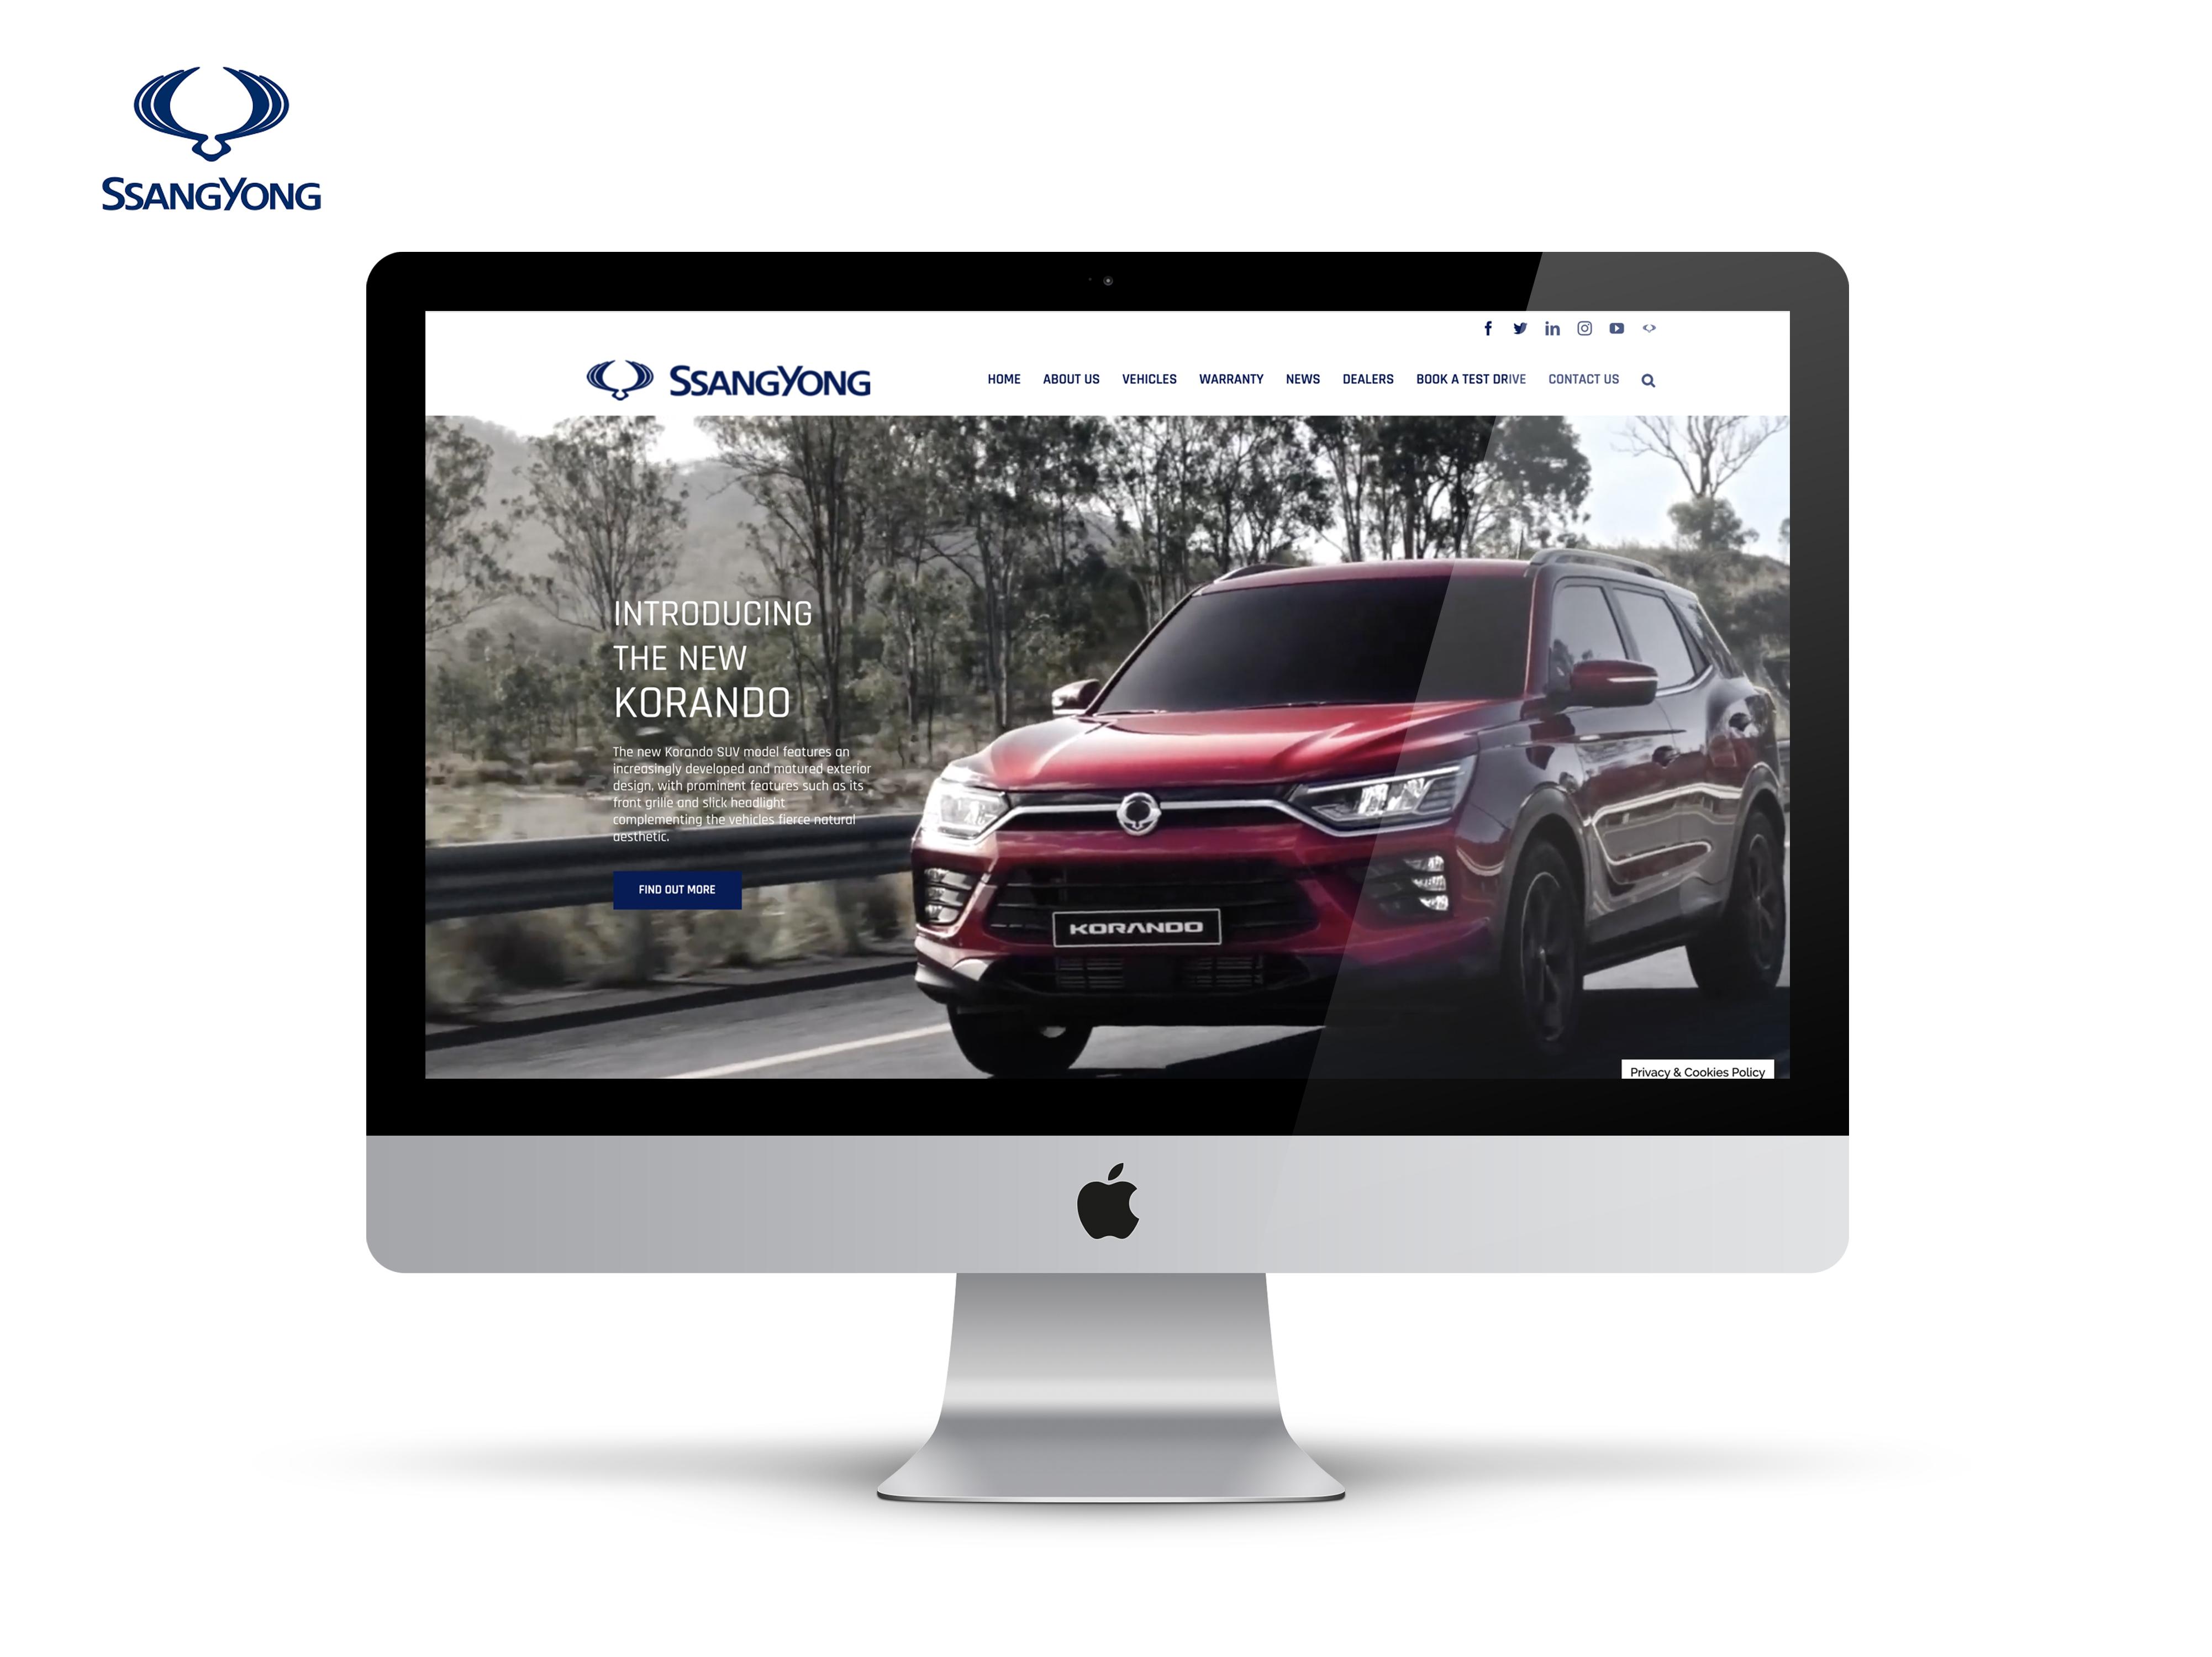 ssangYong website